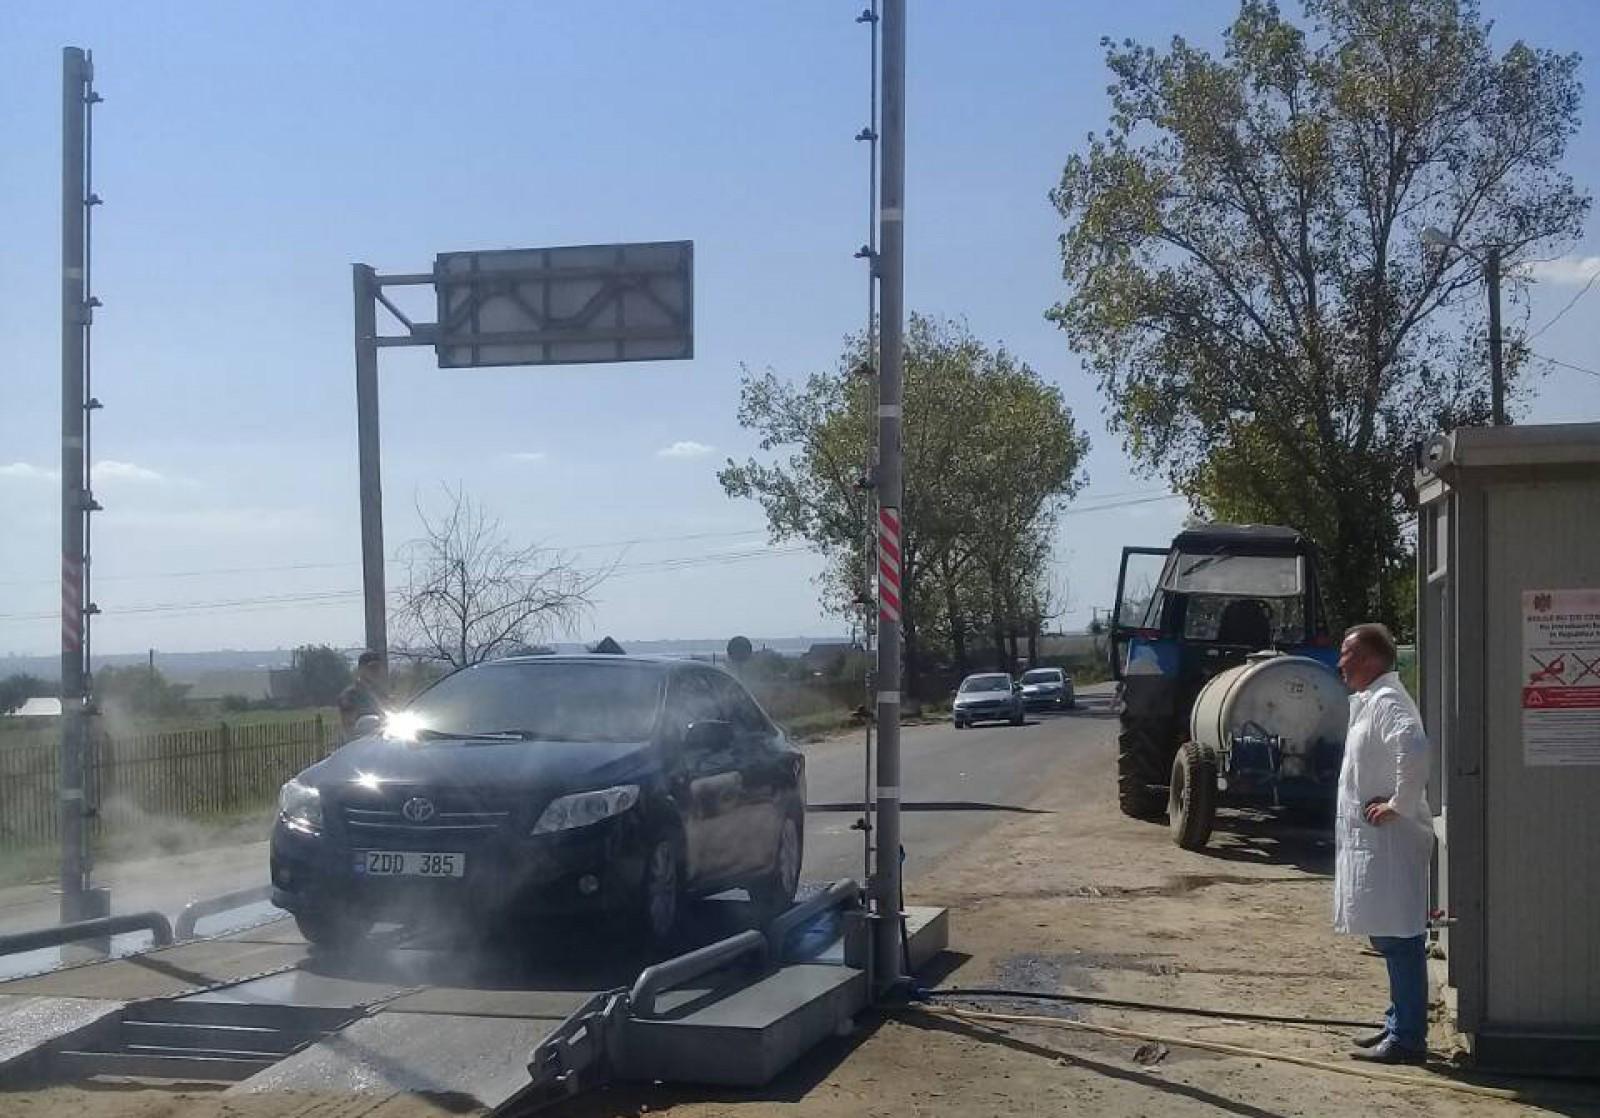 (foto) Măsuri de combatere a pestei porcine: La intrarea în satul Giurgiulești toate automobilele sunt dezinfectate